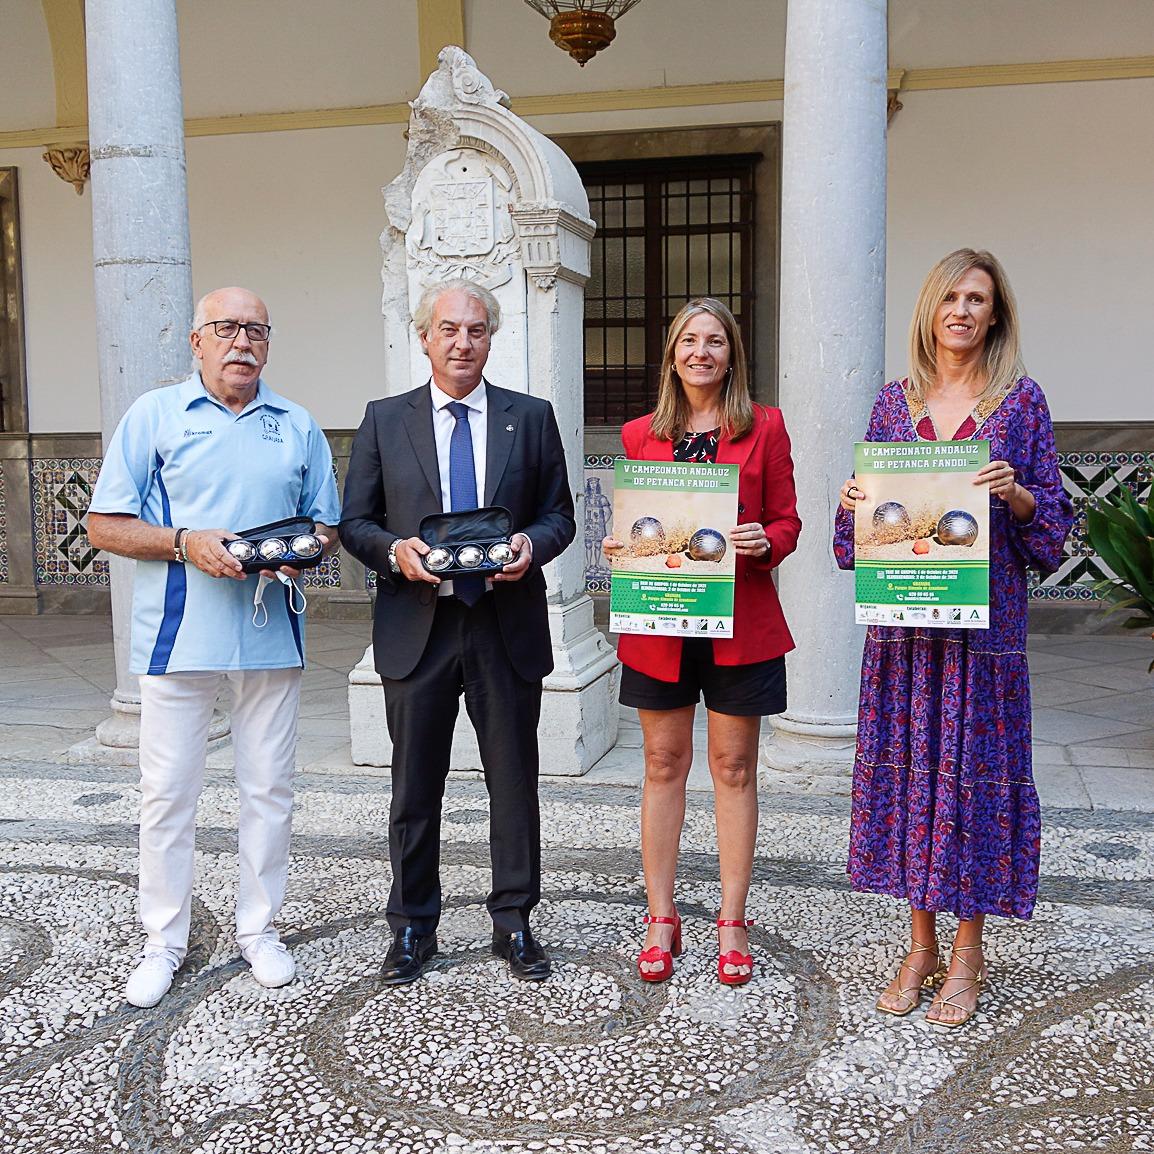 El Campeonato de Andalucía de Petanca para discapacitados intelectuales se celebrará en Granada